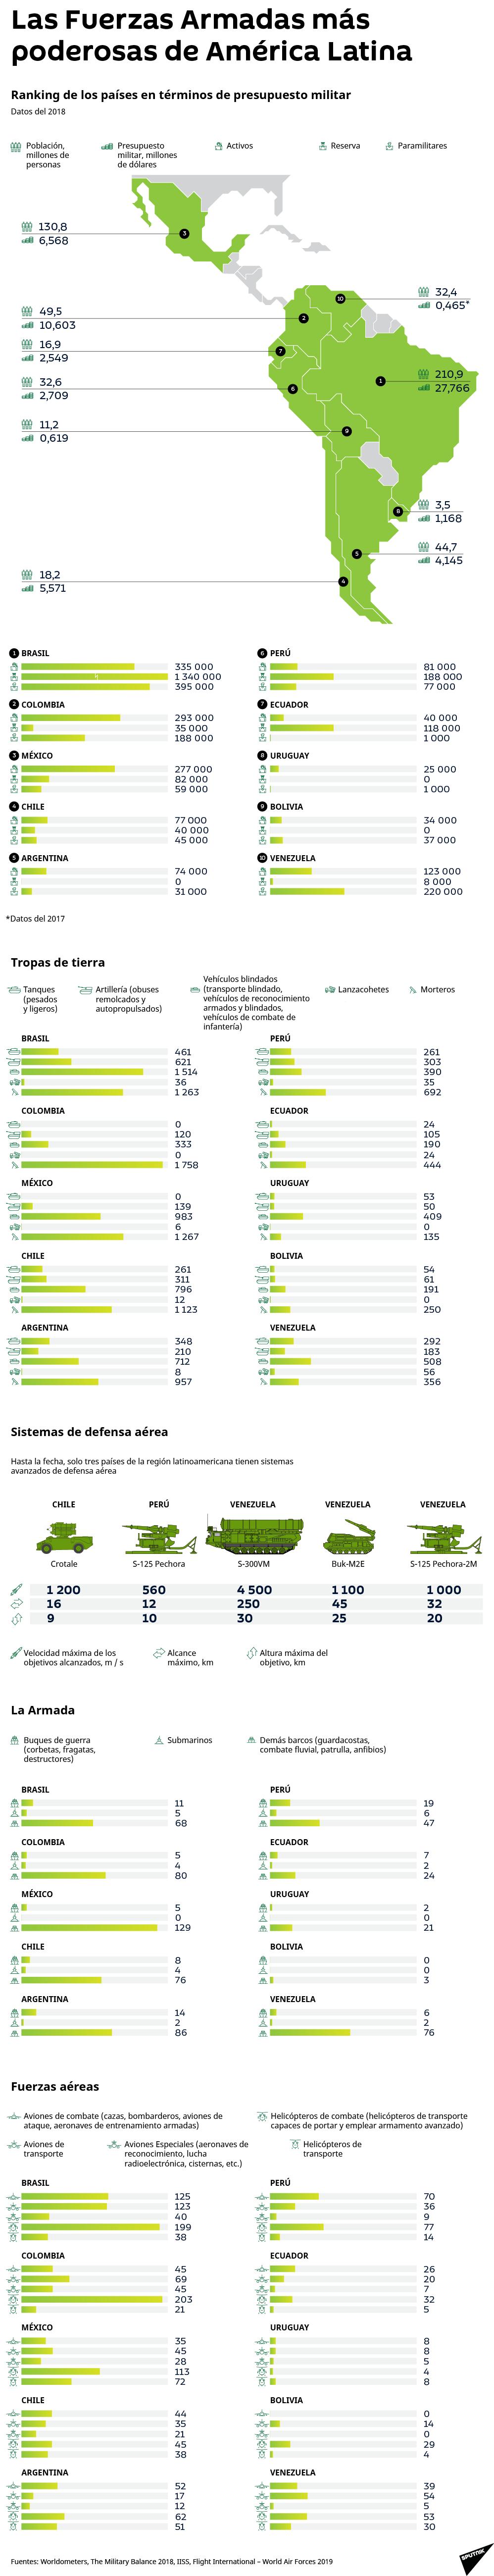 Los países latinoamericanos más potentes en términos militares - Sputnik Mundo